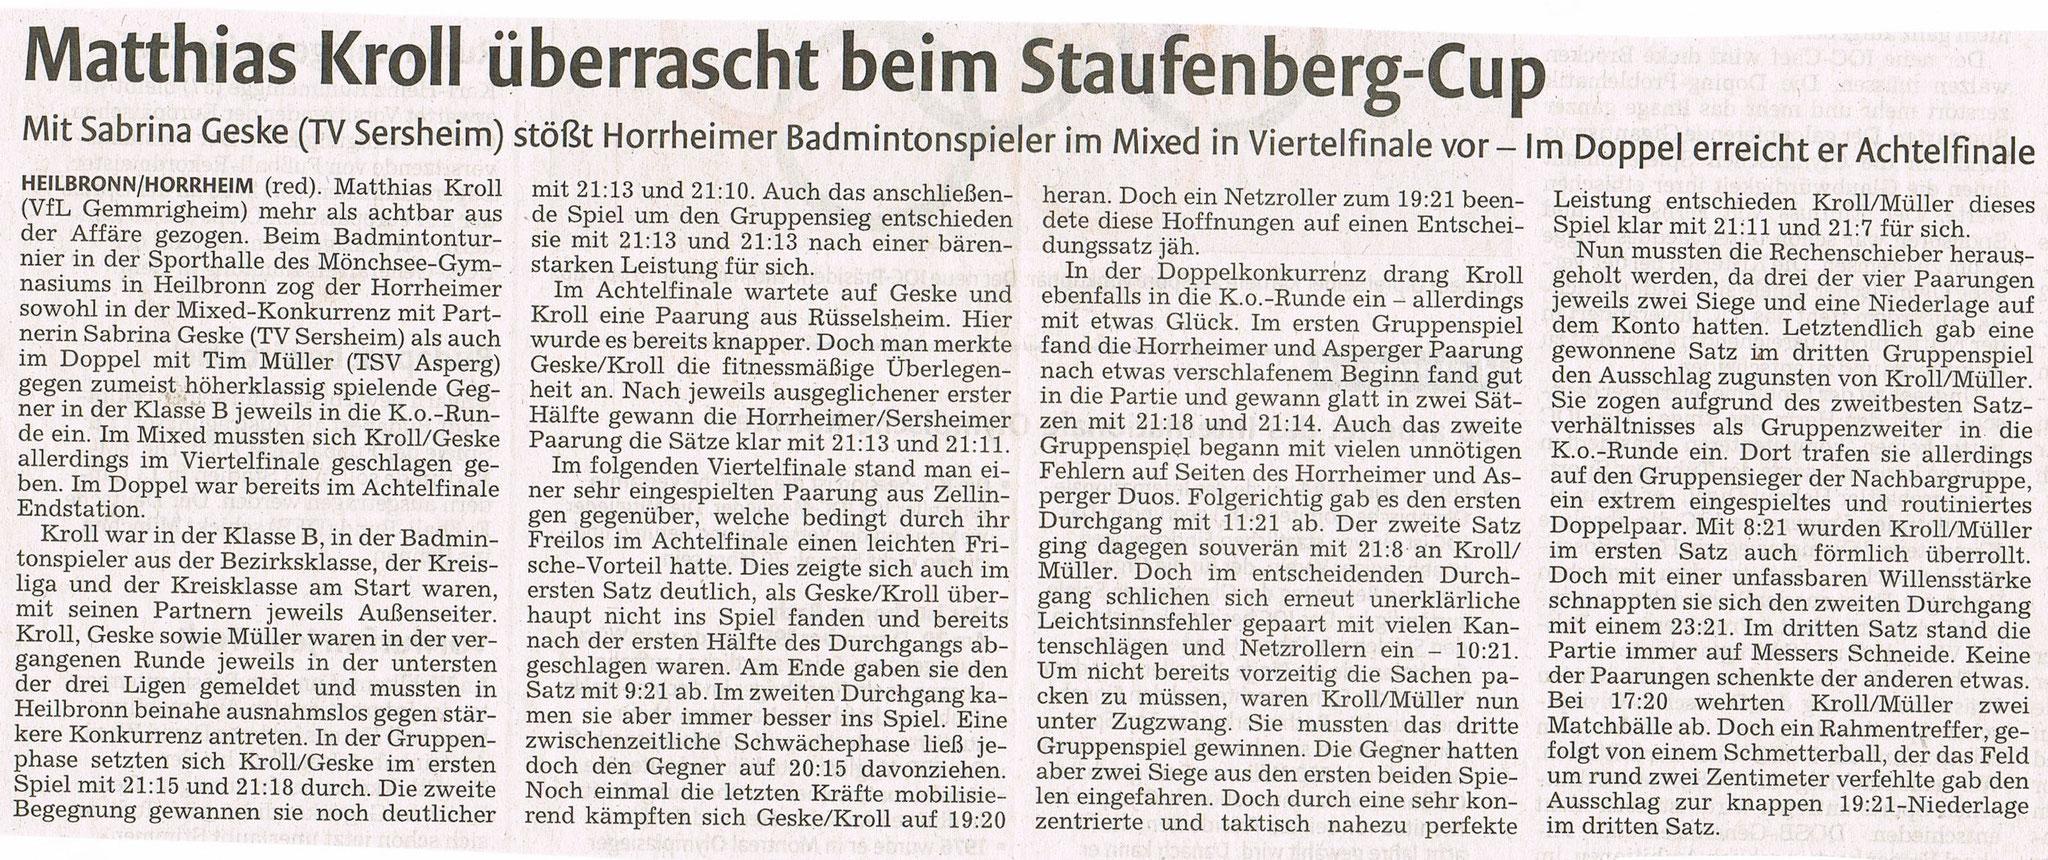 Bericht in der vkz zum Turnier in Heilbronn